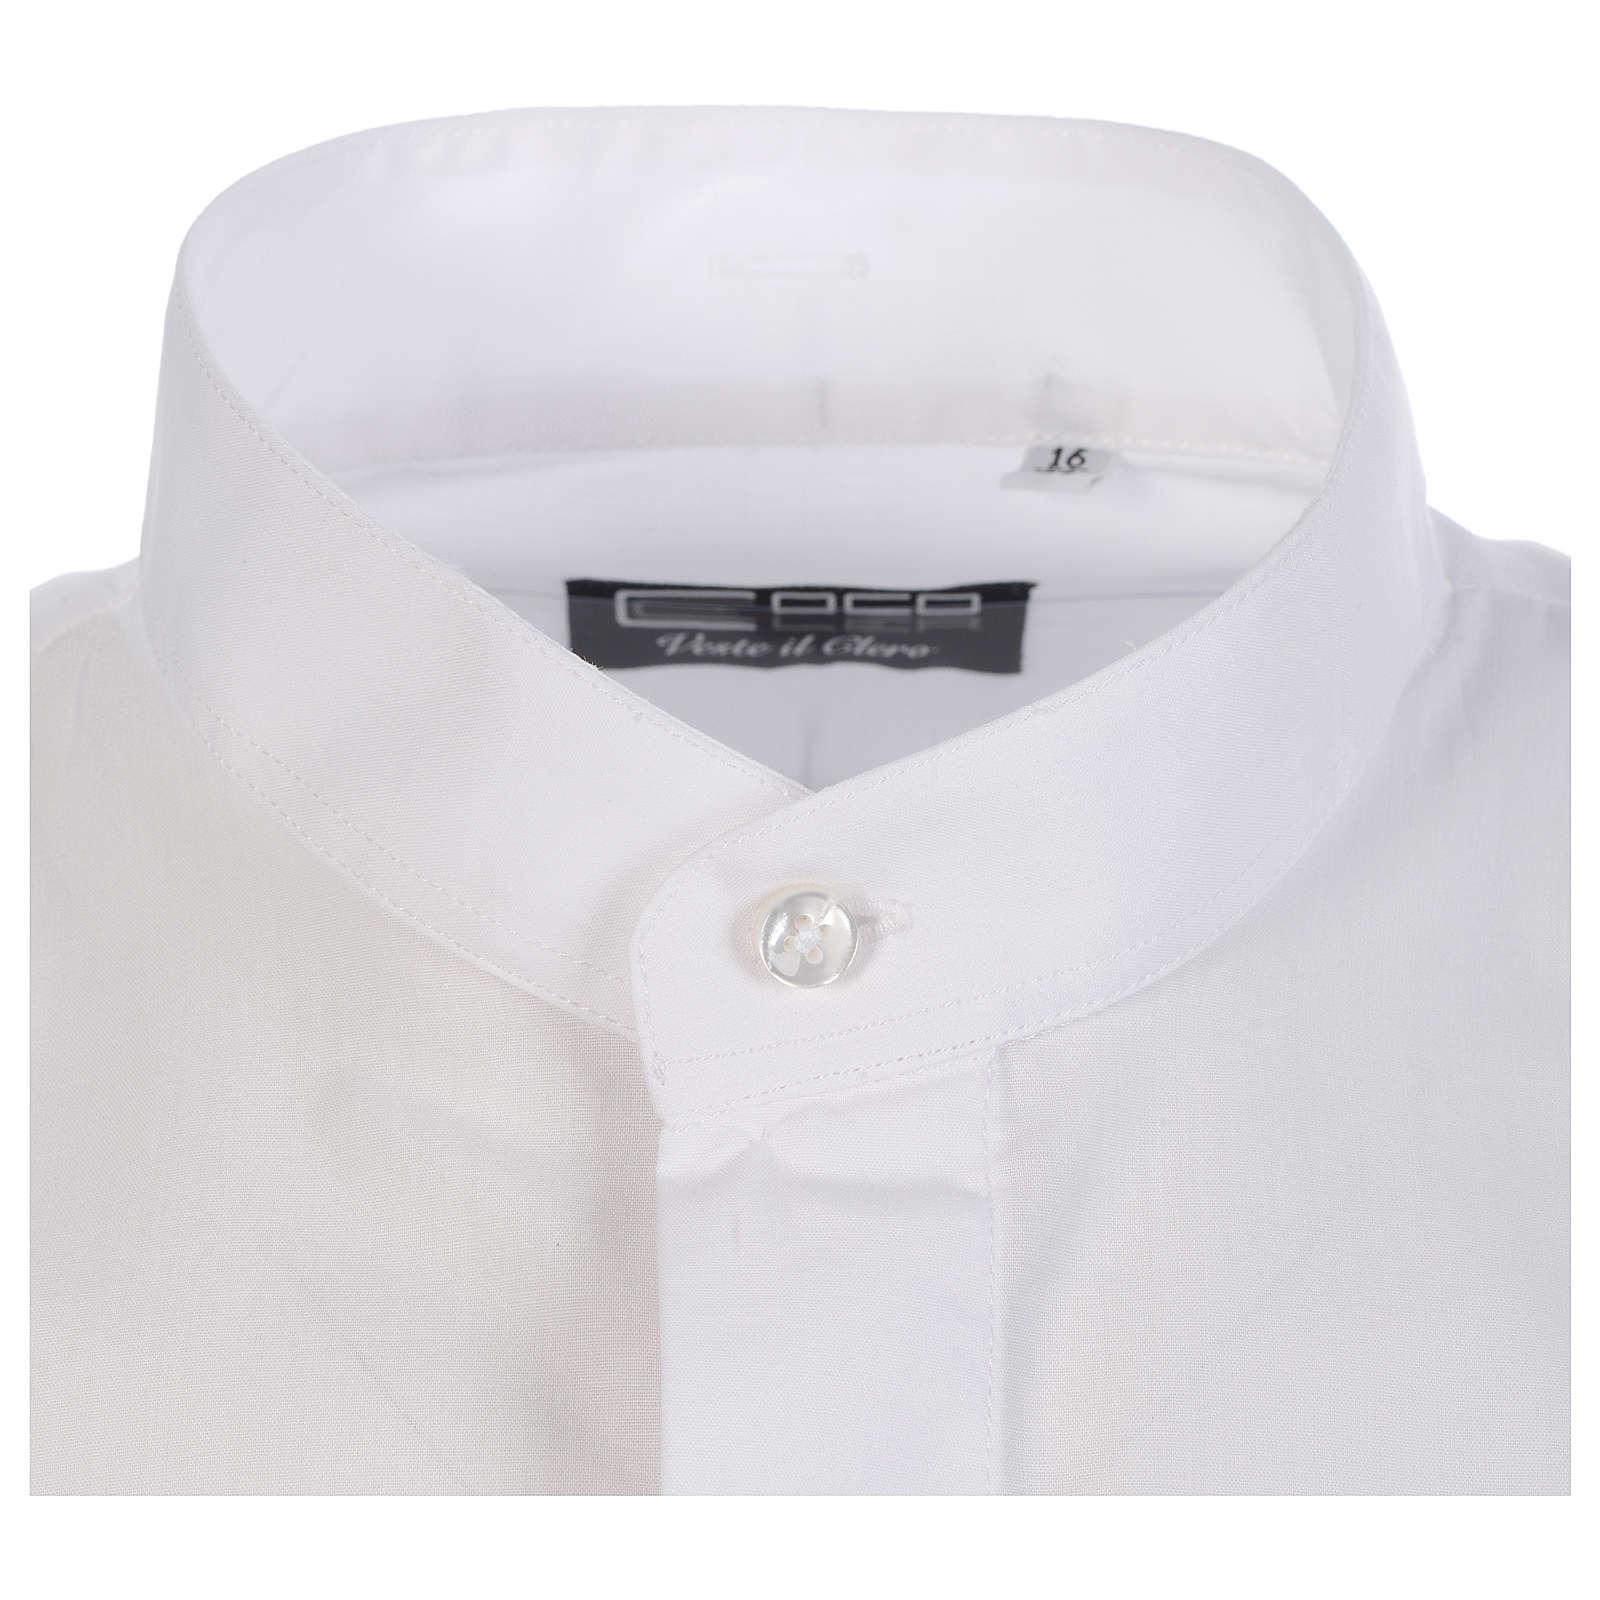 Collarhemd geeignet um unter dem Talar getragen zu werden mit offenen Kragen Langarm 4